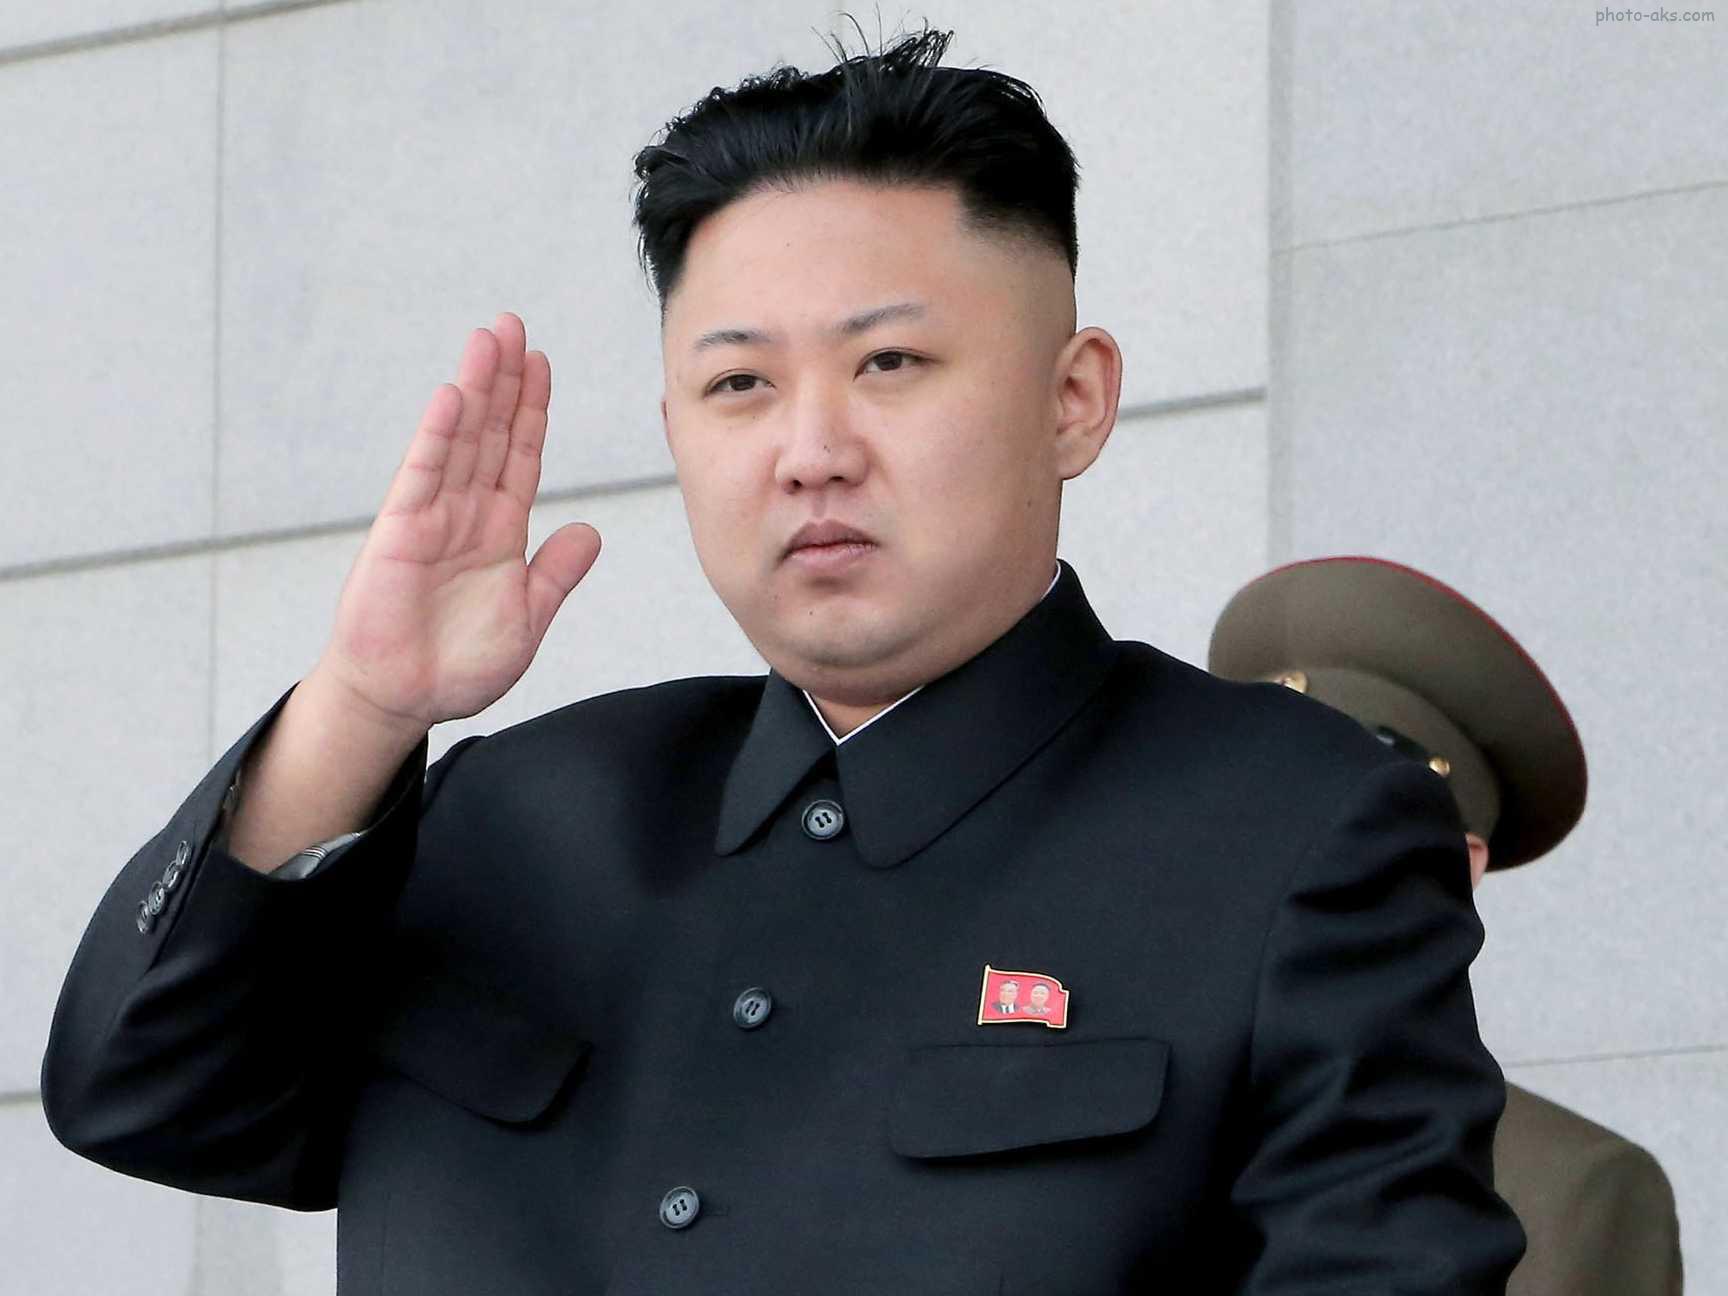 کره شمالی: تا زمانی که آمریکا ما را تهدید میکند، خبری از مذاکره هستهای نخواهد بود